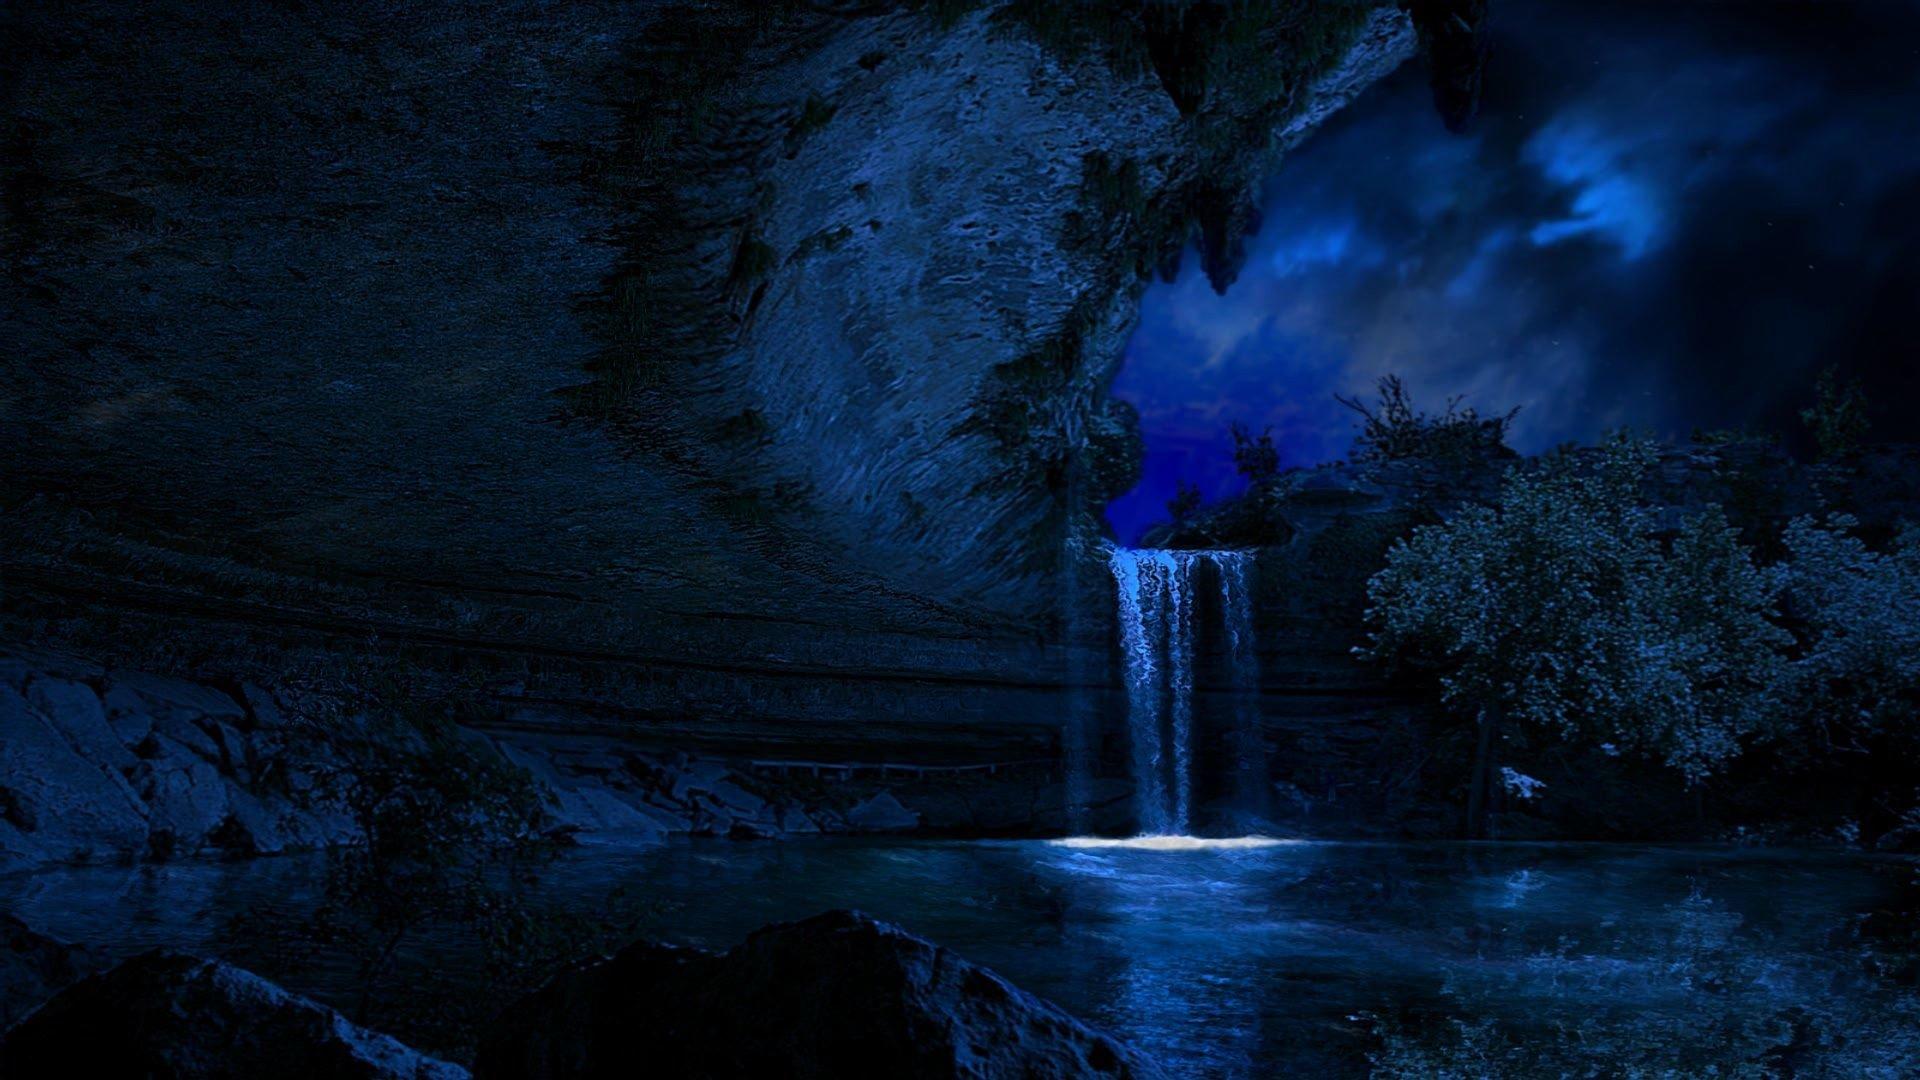 Night Waterfall Fondo De Pantalla Hd Fondo De Escritorio